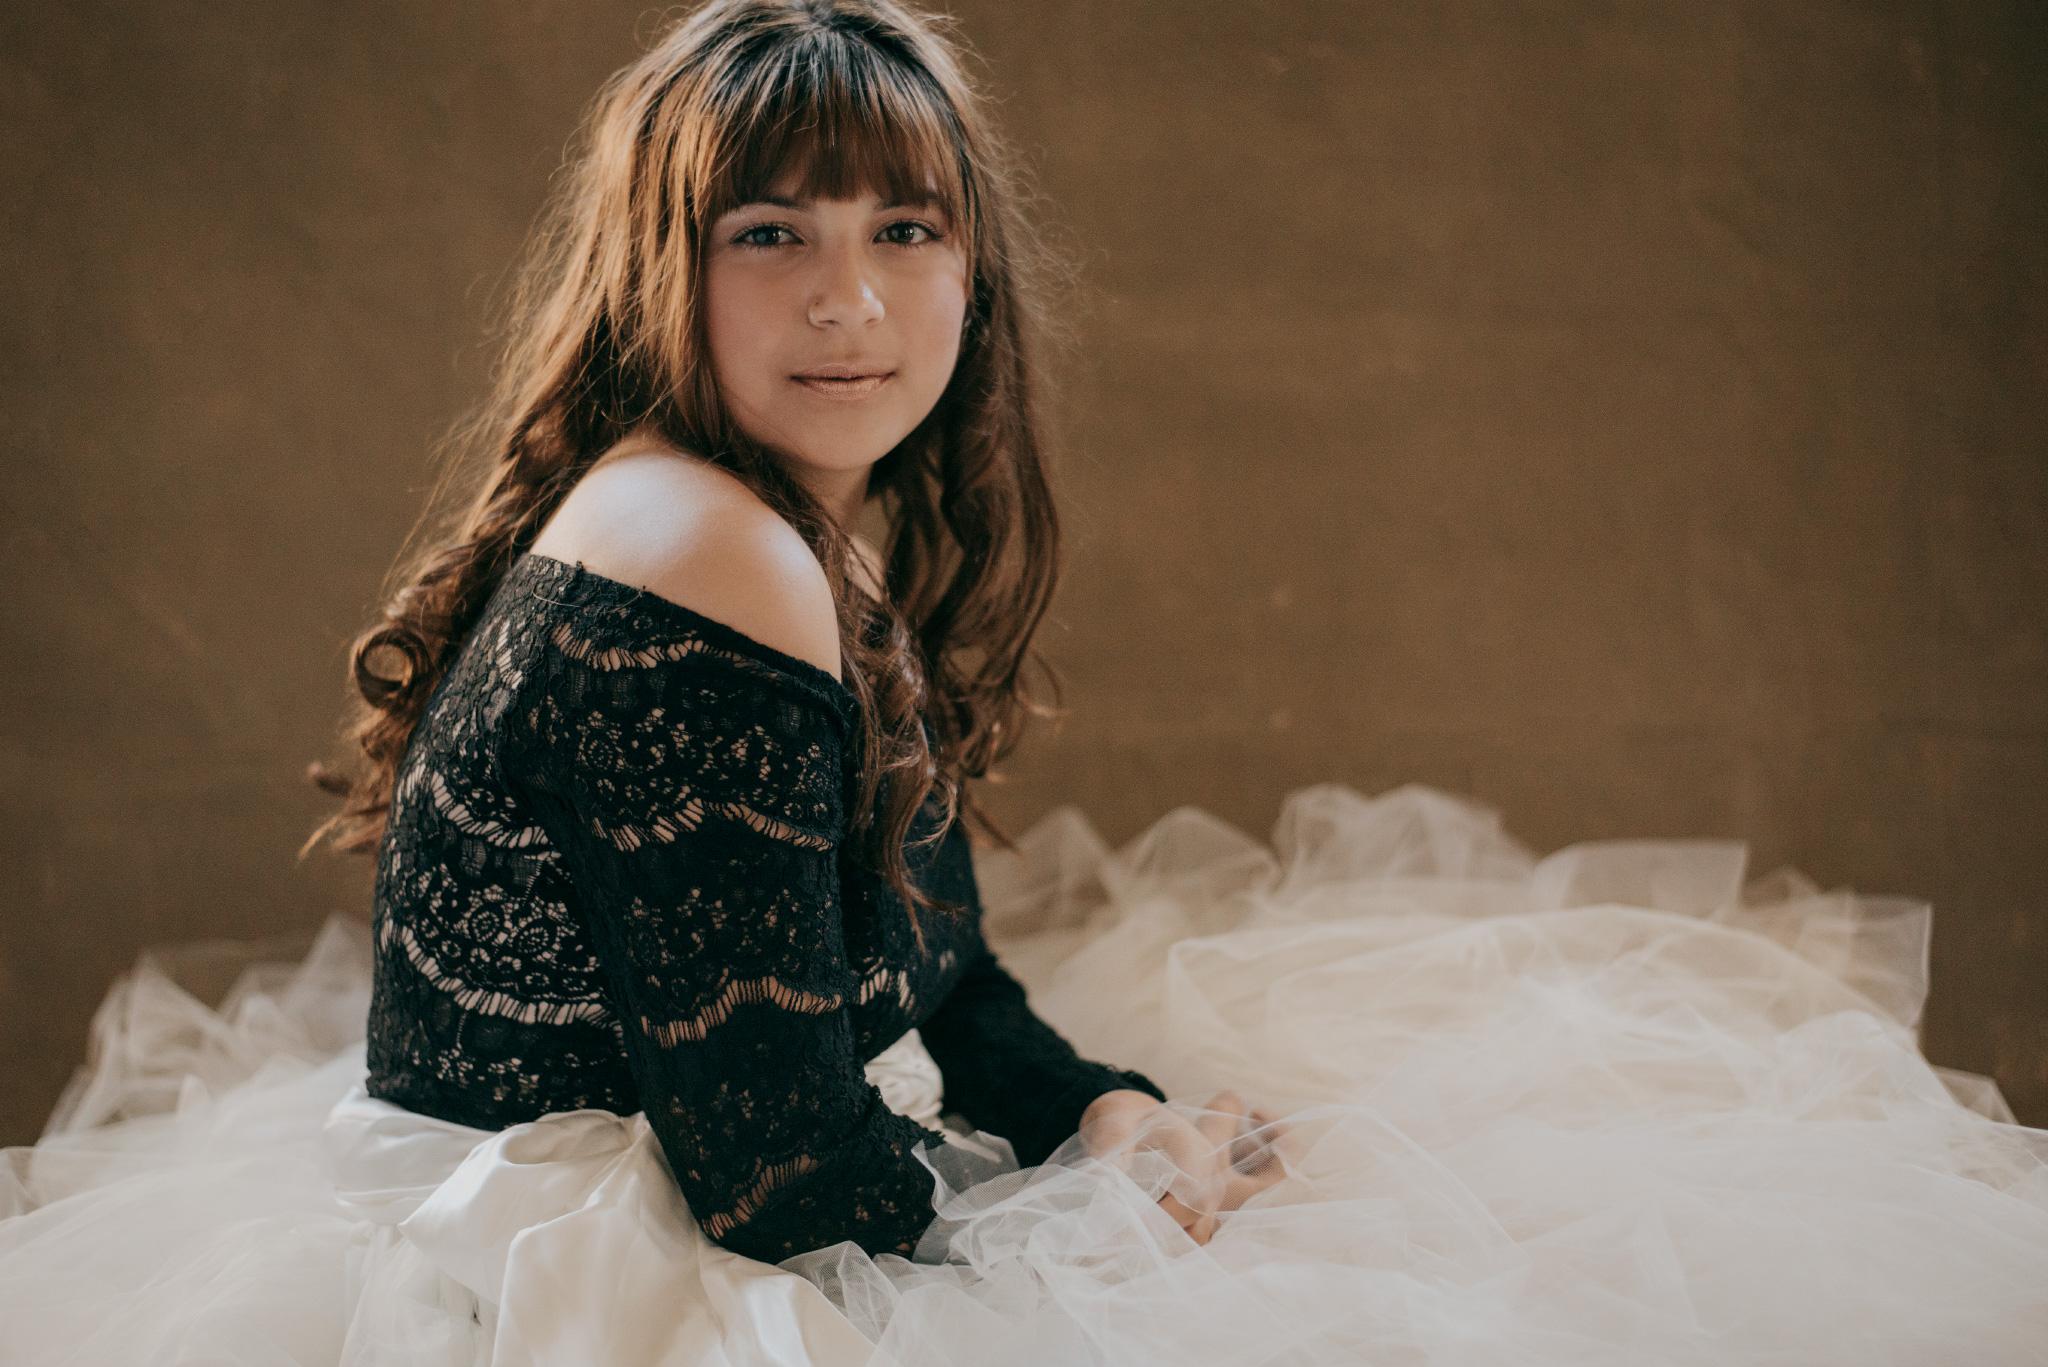 Tulle Skirt - Mr. Pretty Skirt | Stephanie Acar, Photographer